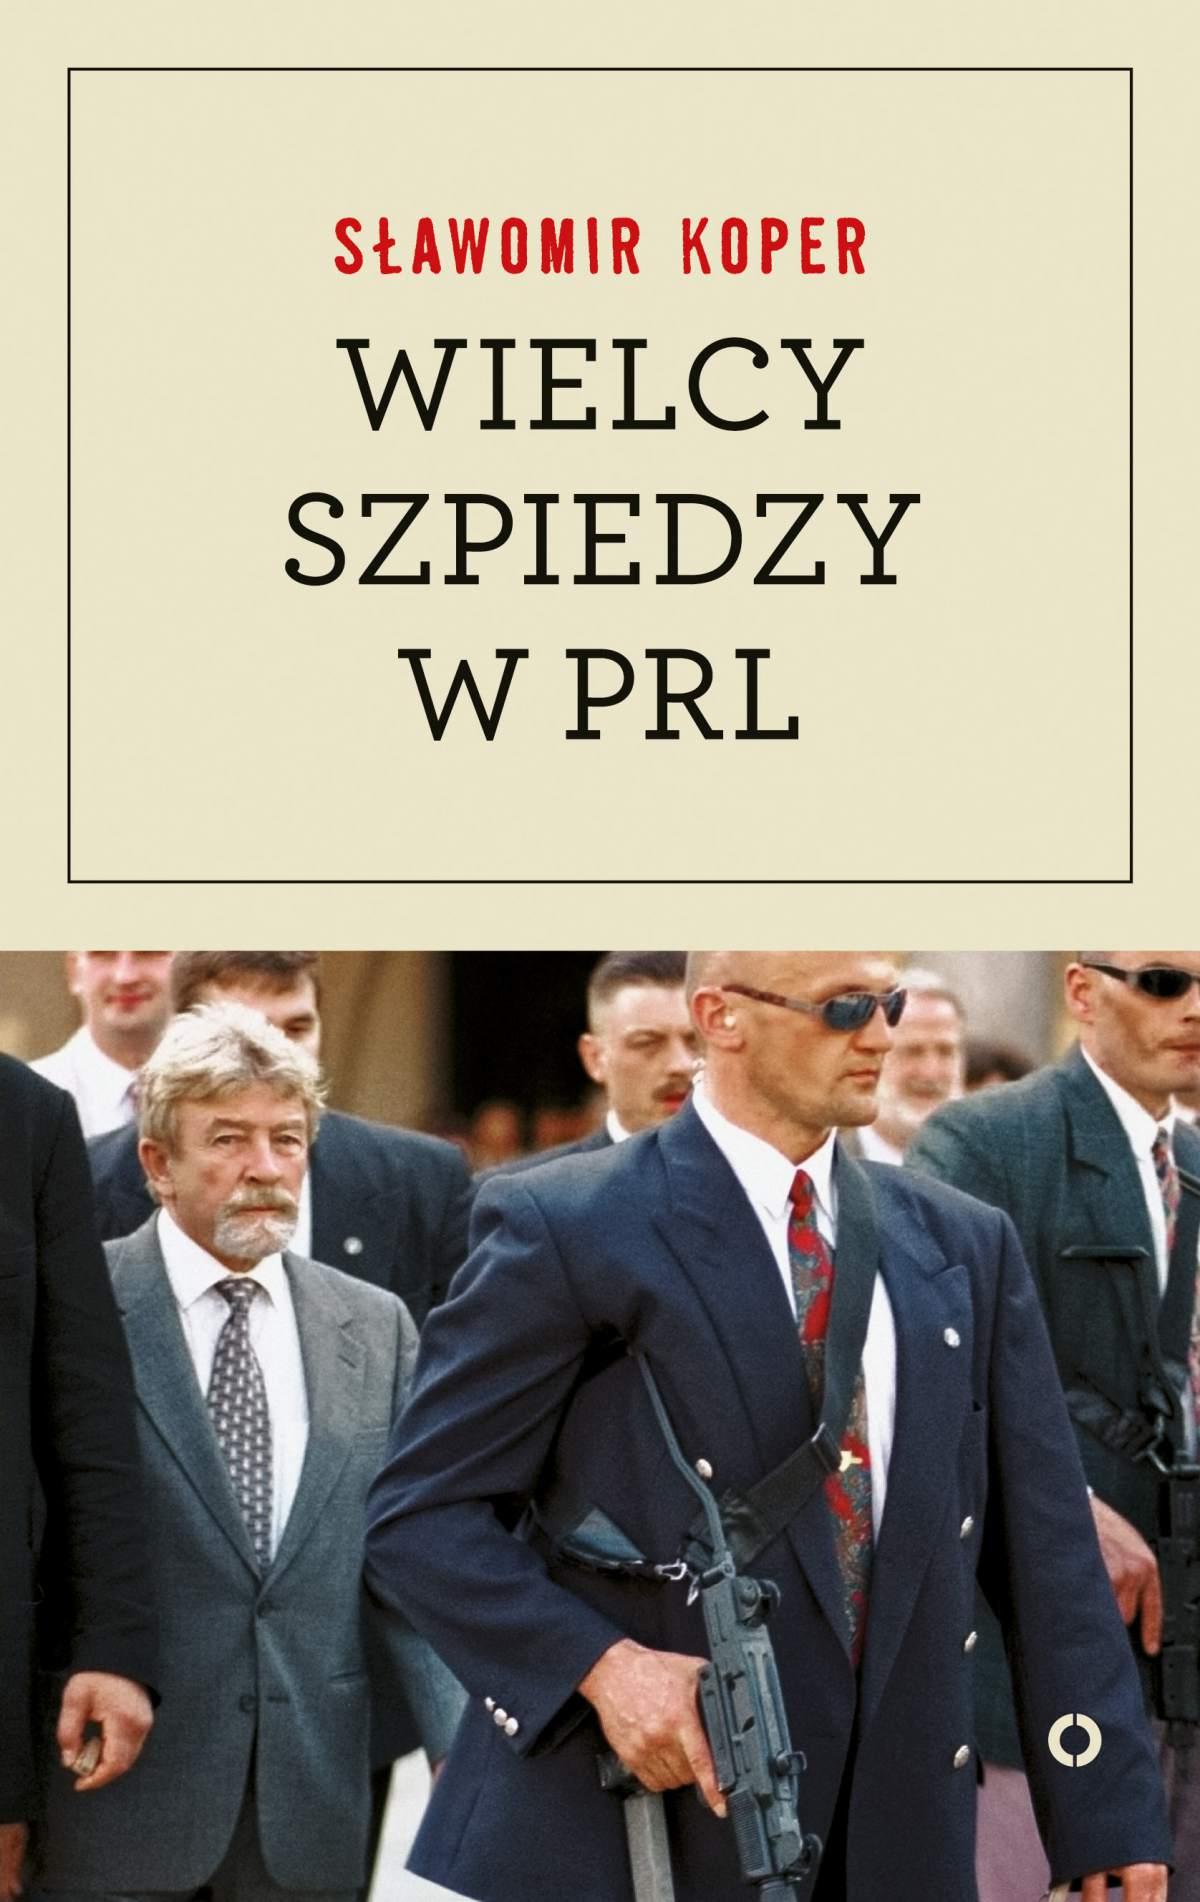 Wielcy szpiedzy w PRL - Ebook (Książka EPUB) do pobrania w formacie EPUB